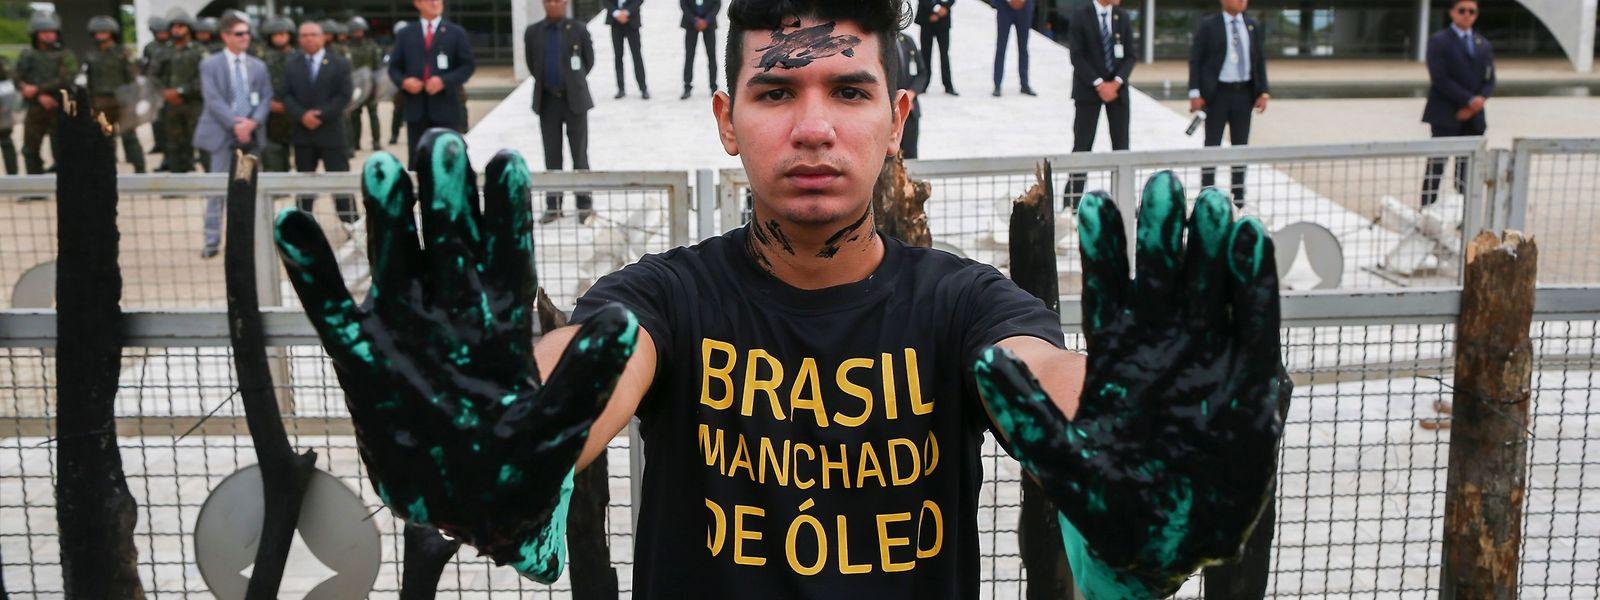 """Ein Greenpeace-Aktivist mit schwarz bemalten Handschuhen und der T-Shirt-Aufschrift """"ölverschmutztes Brasilien"""" protestiert vor dem Amtssitz von Jair Bolsonaro."""